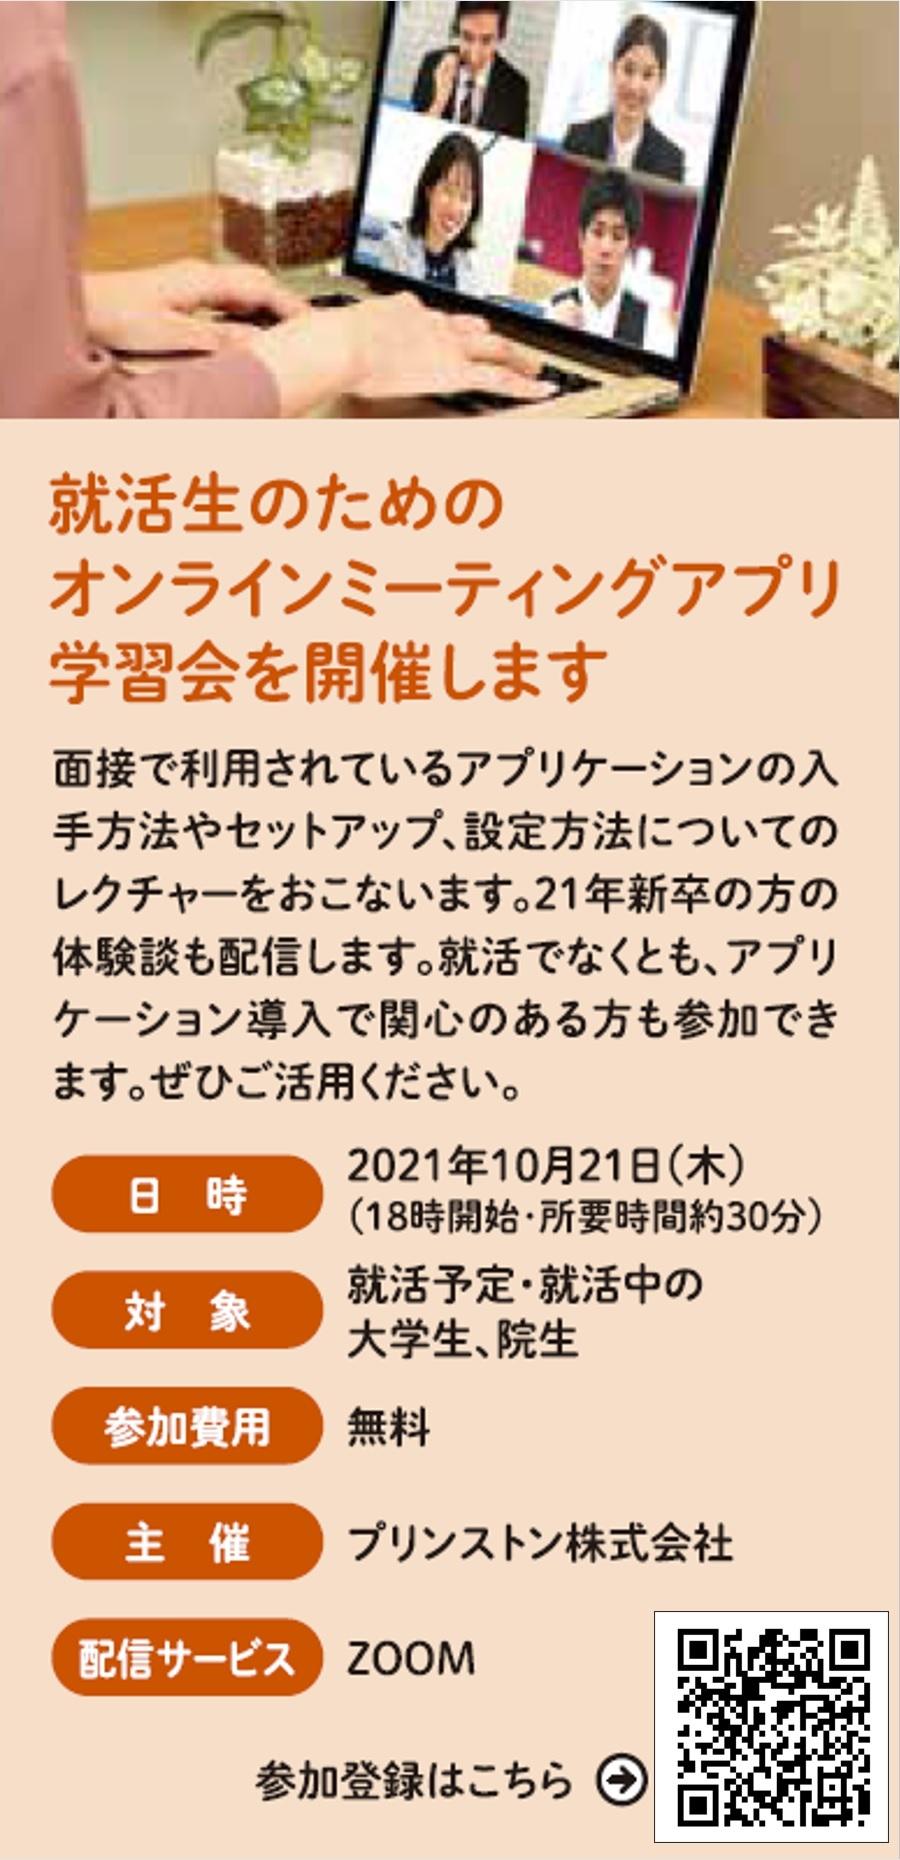 10/21(木)就活生のためのオンラインミーティングアプリ学習会